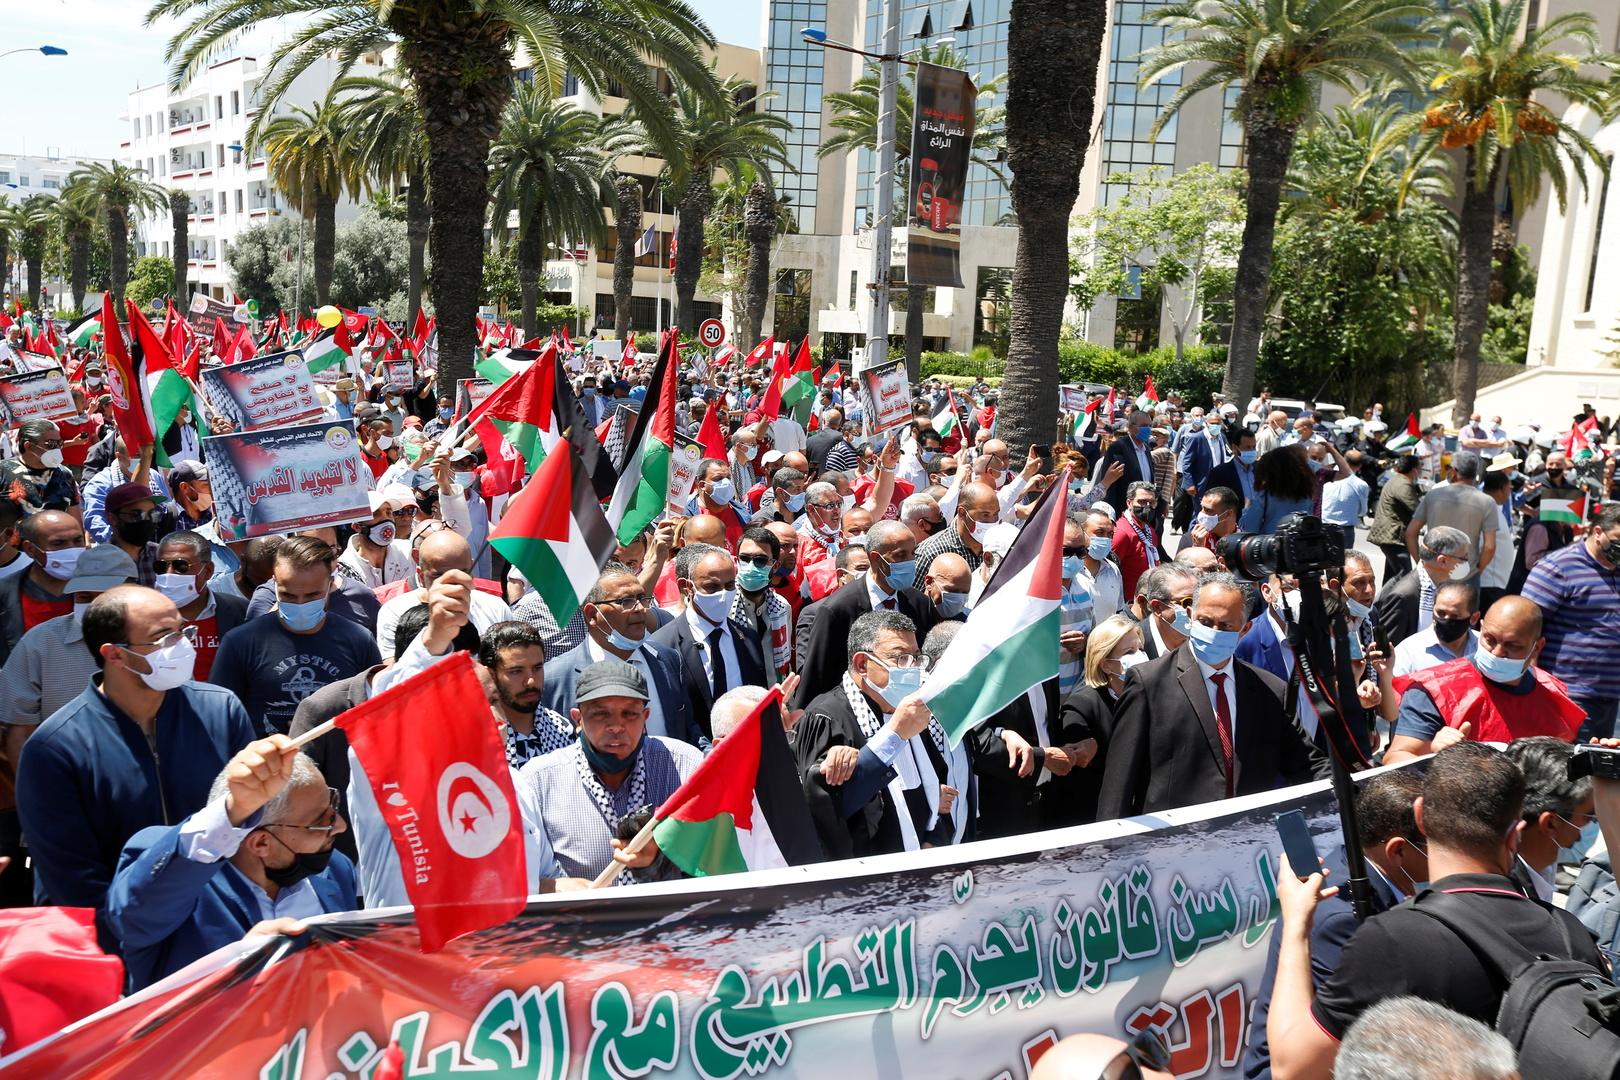 تونس.. مظاهرات حاشدة تضامنا مع فلسطين ولمطالبة البرلمان بالتصديق على قانون تجريم التطبيع مع اسرائيل